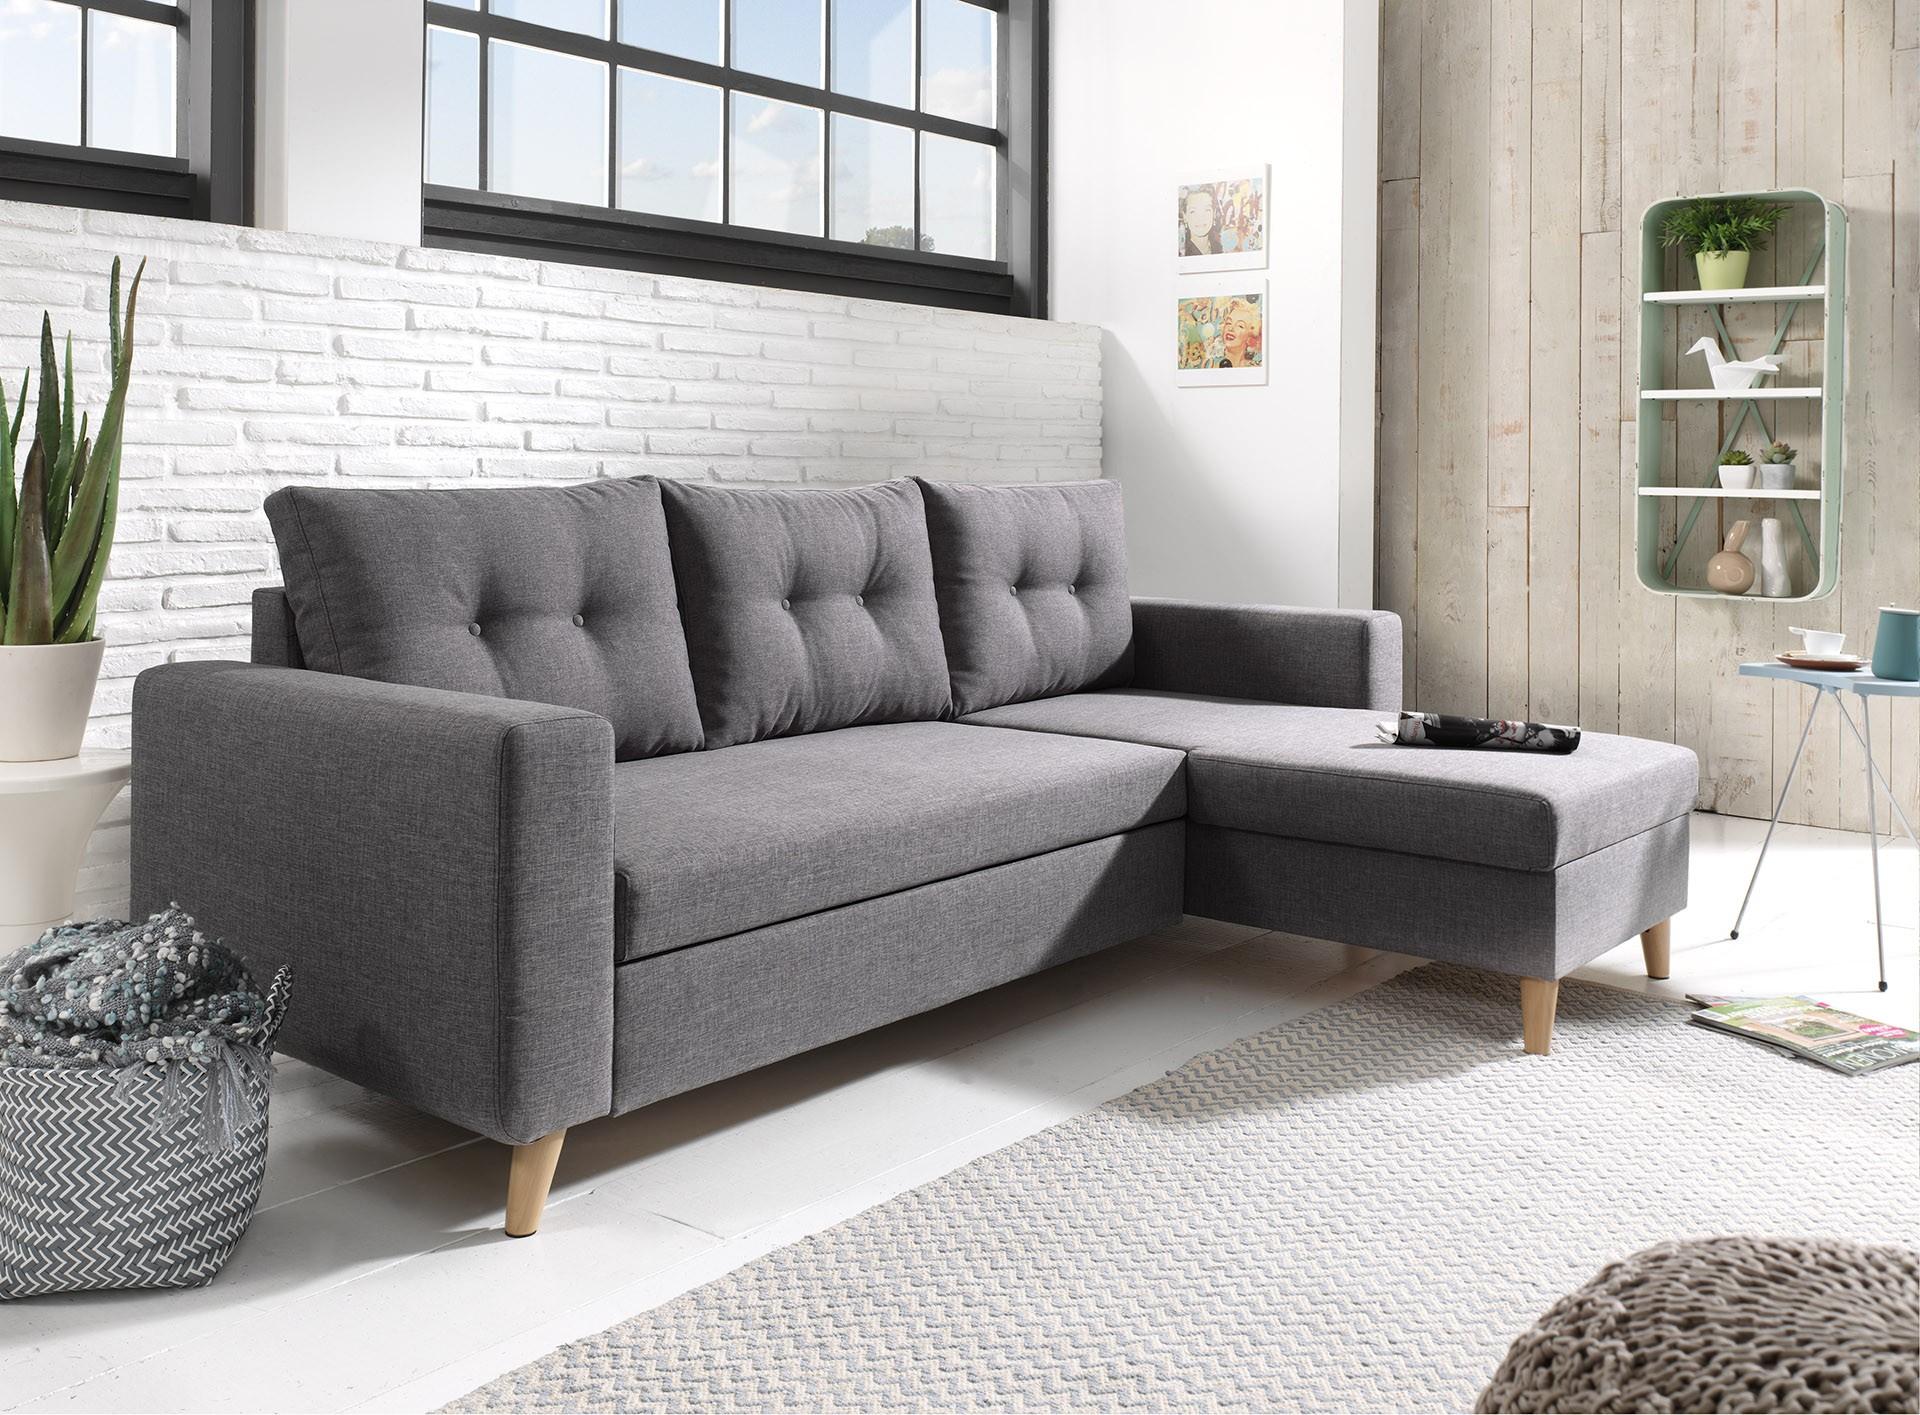 Nordic - canapé gris foncé d angle réversible convertible style scandinave 9996848132ce